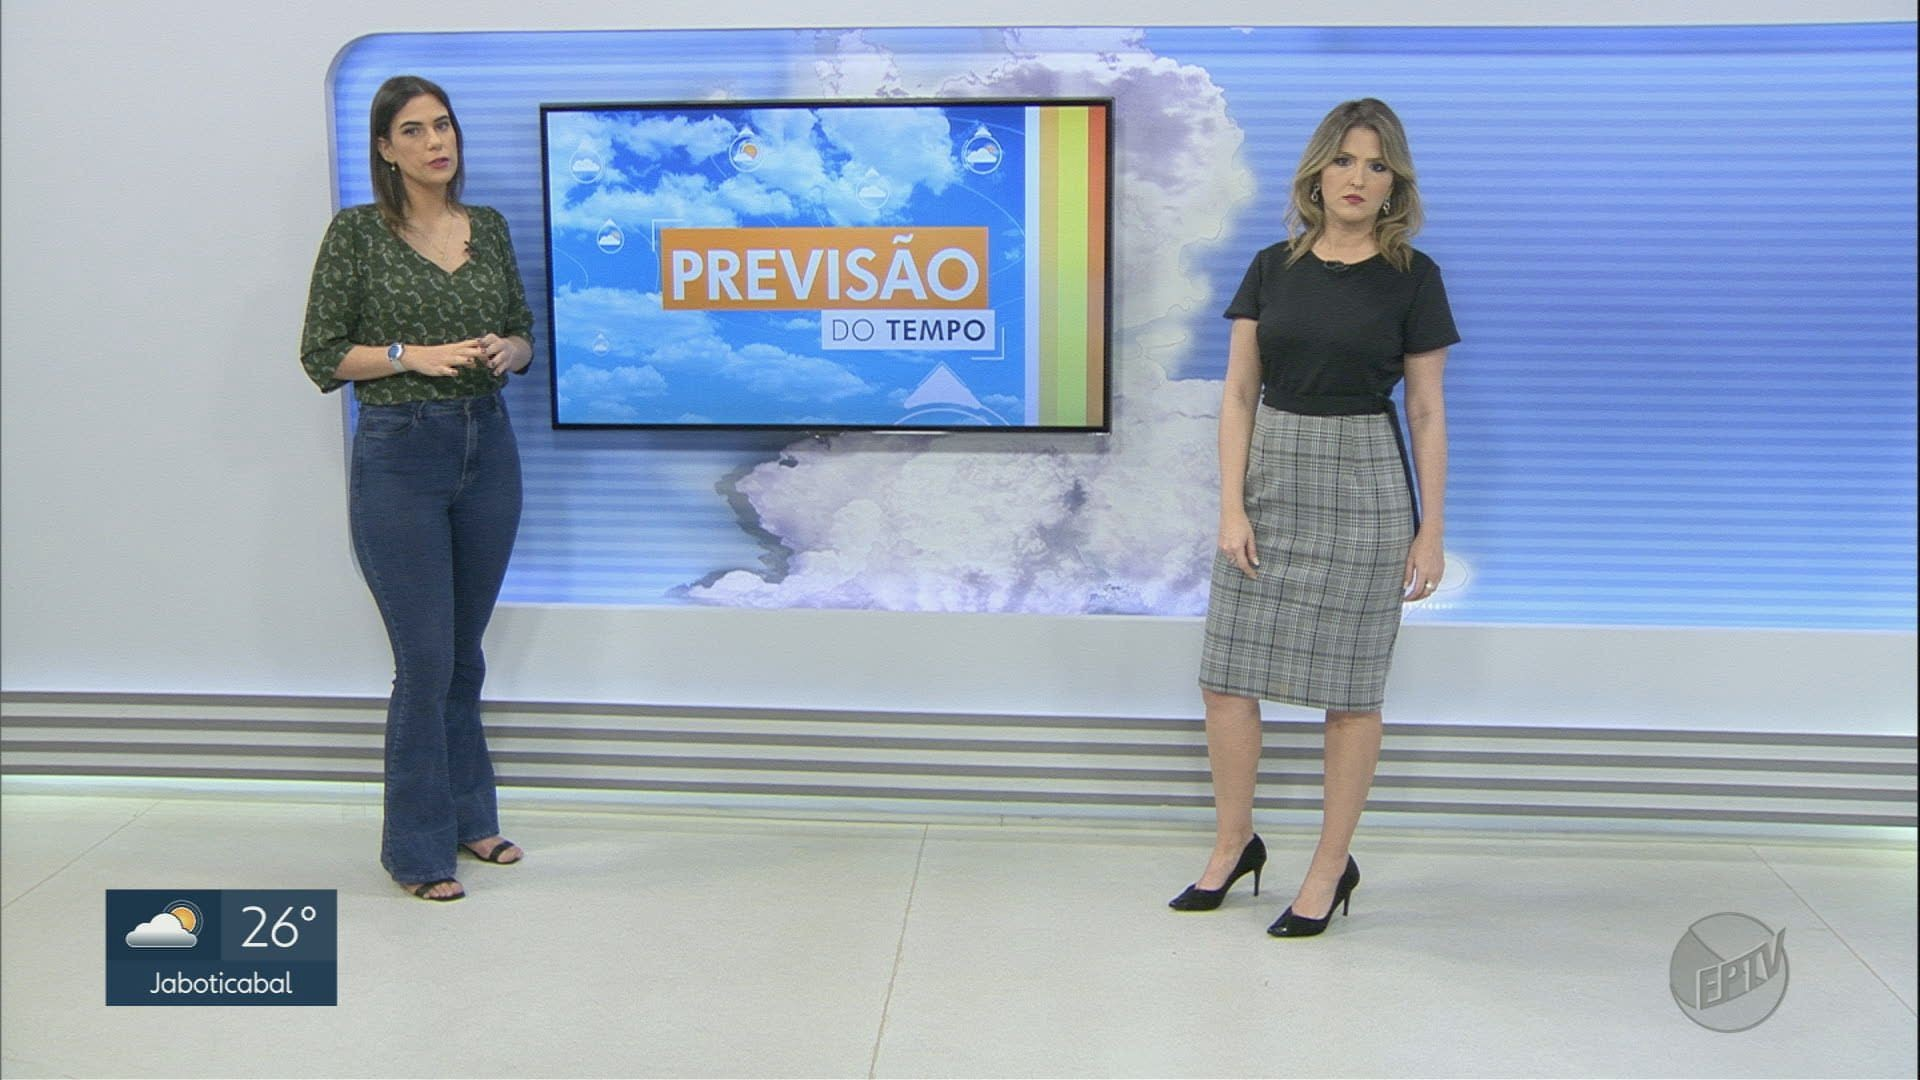 VÍDEOS: EPTV 1 Ribeirão Preto de quinta-feira, 9 de julho de 2020